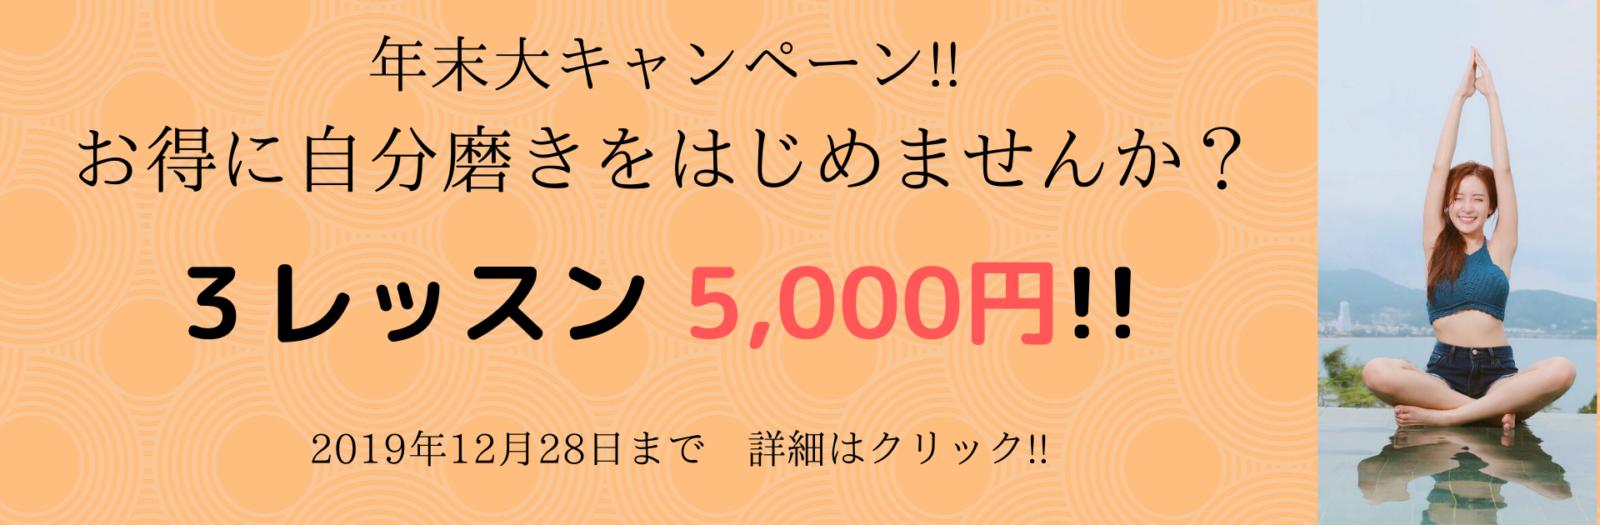 年末大キャンペーン!! お得にNico studioをはじめませんか? (1)